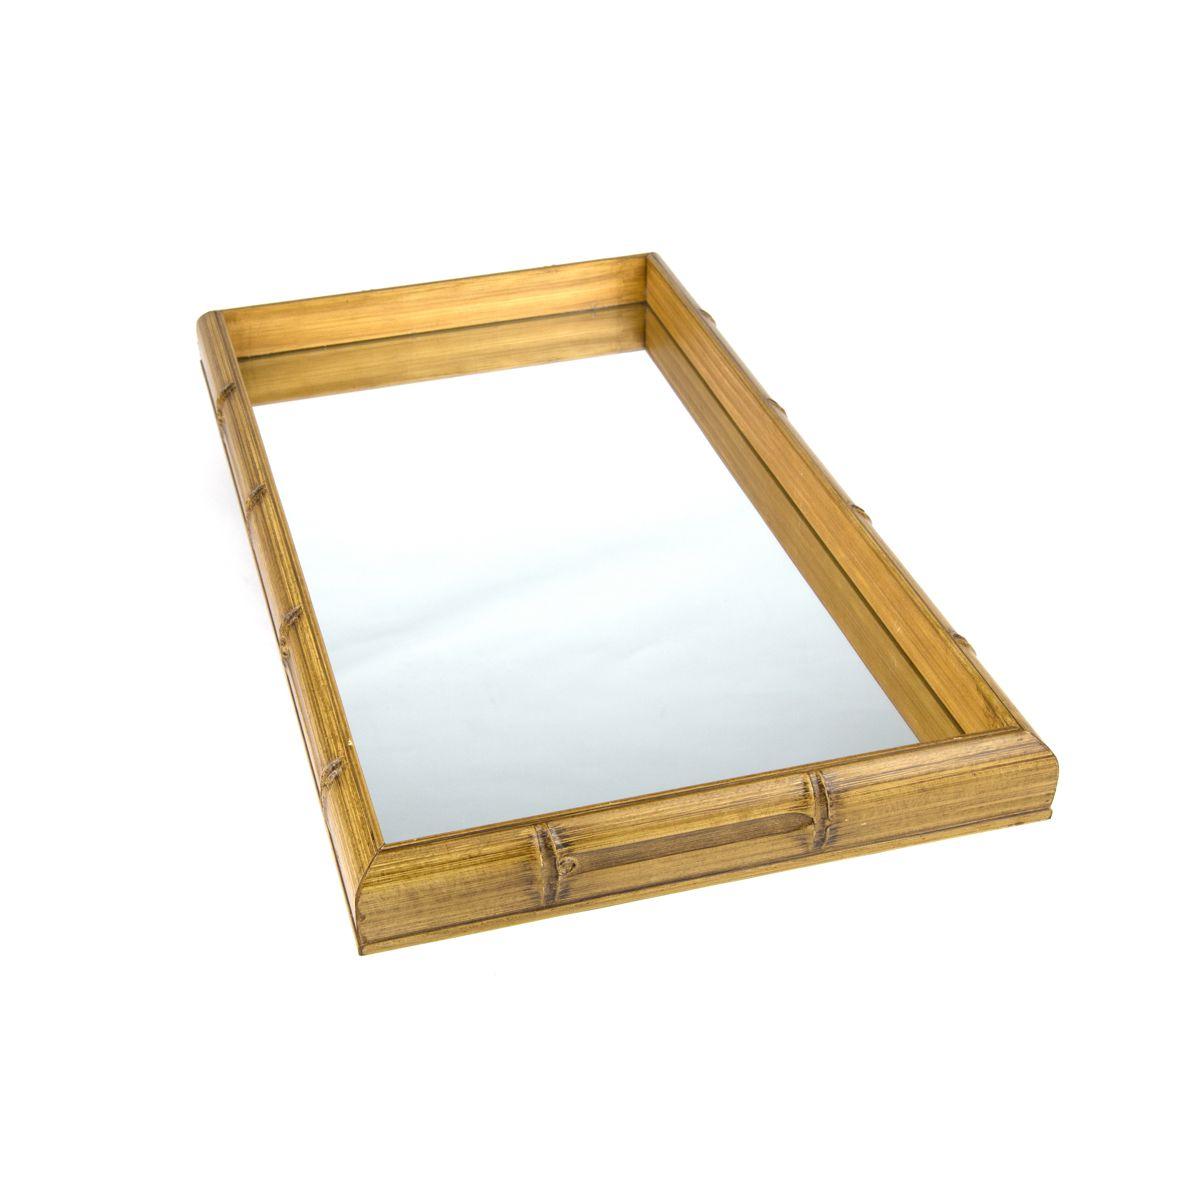 Bandeja Bambu com Espelho 46x26x4cm